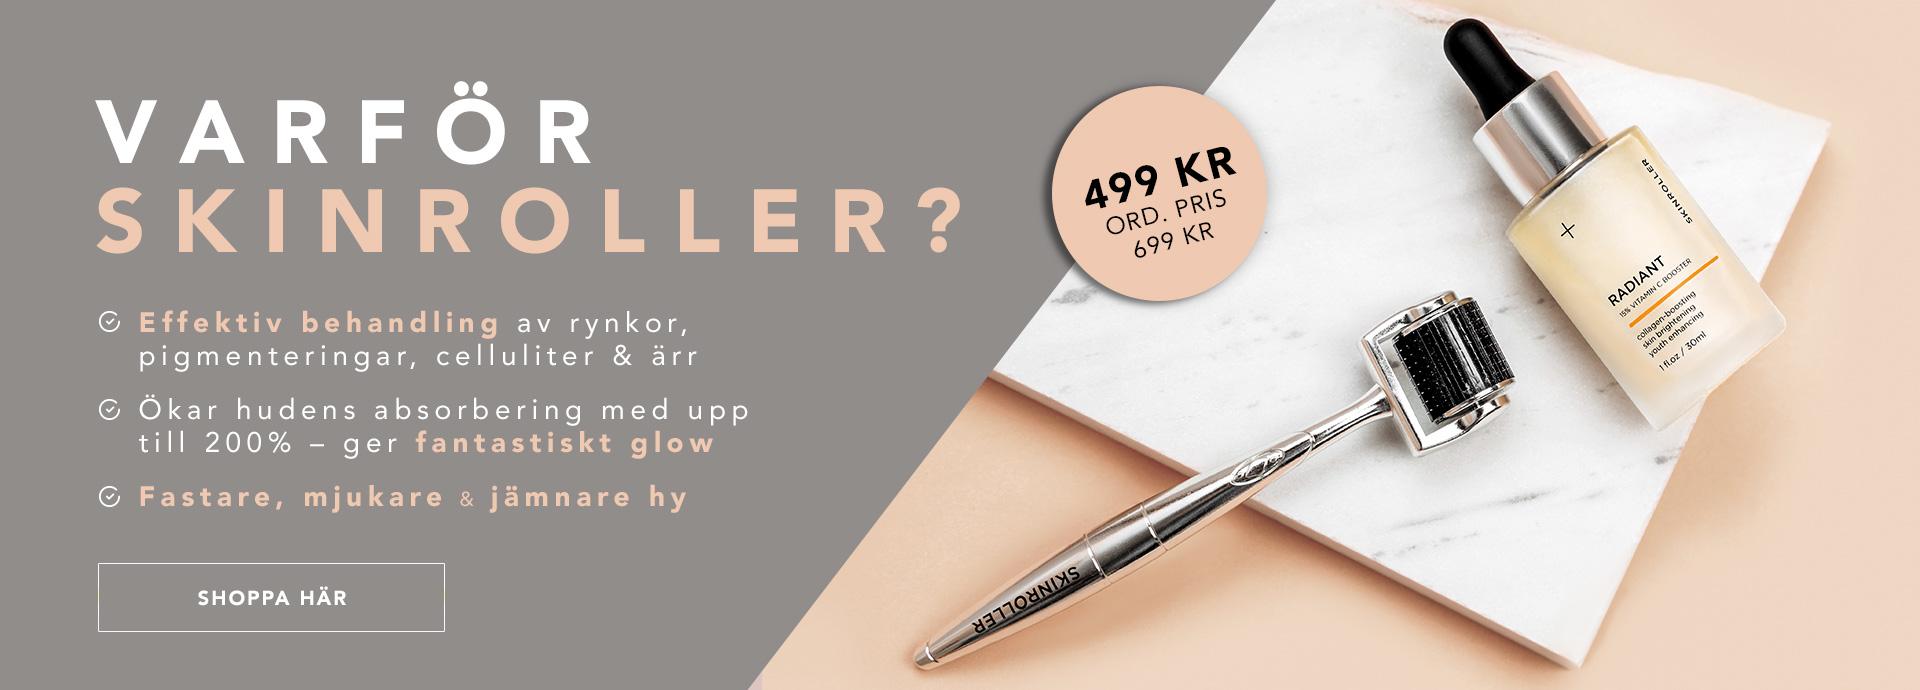 https://www.skinroller.se/image/5611/MID_SEASON_v2_DESKTOP_silver.jpg